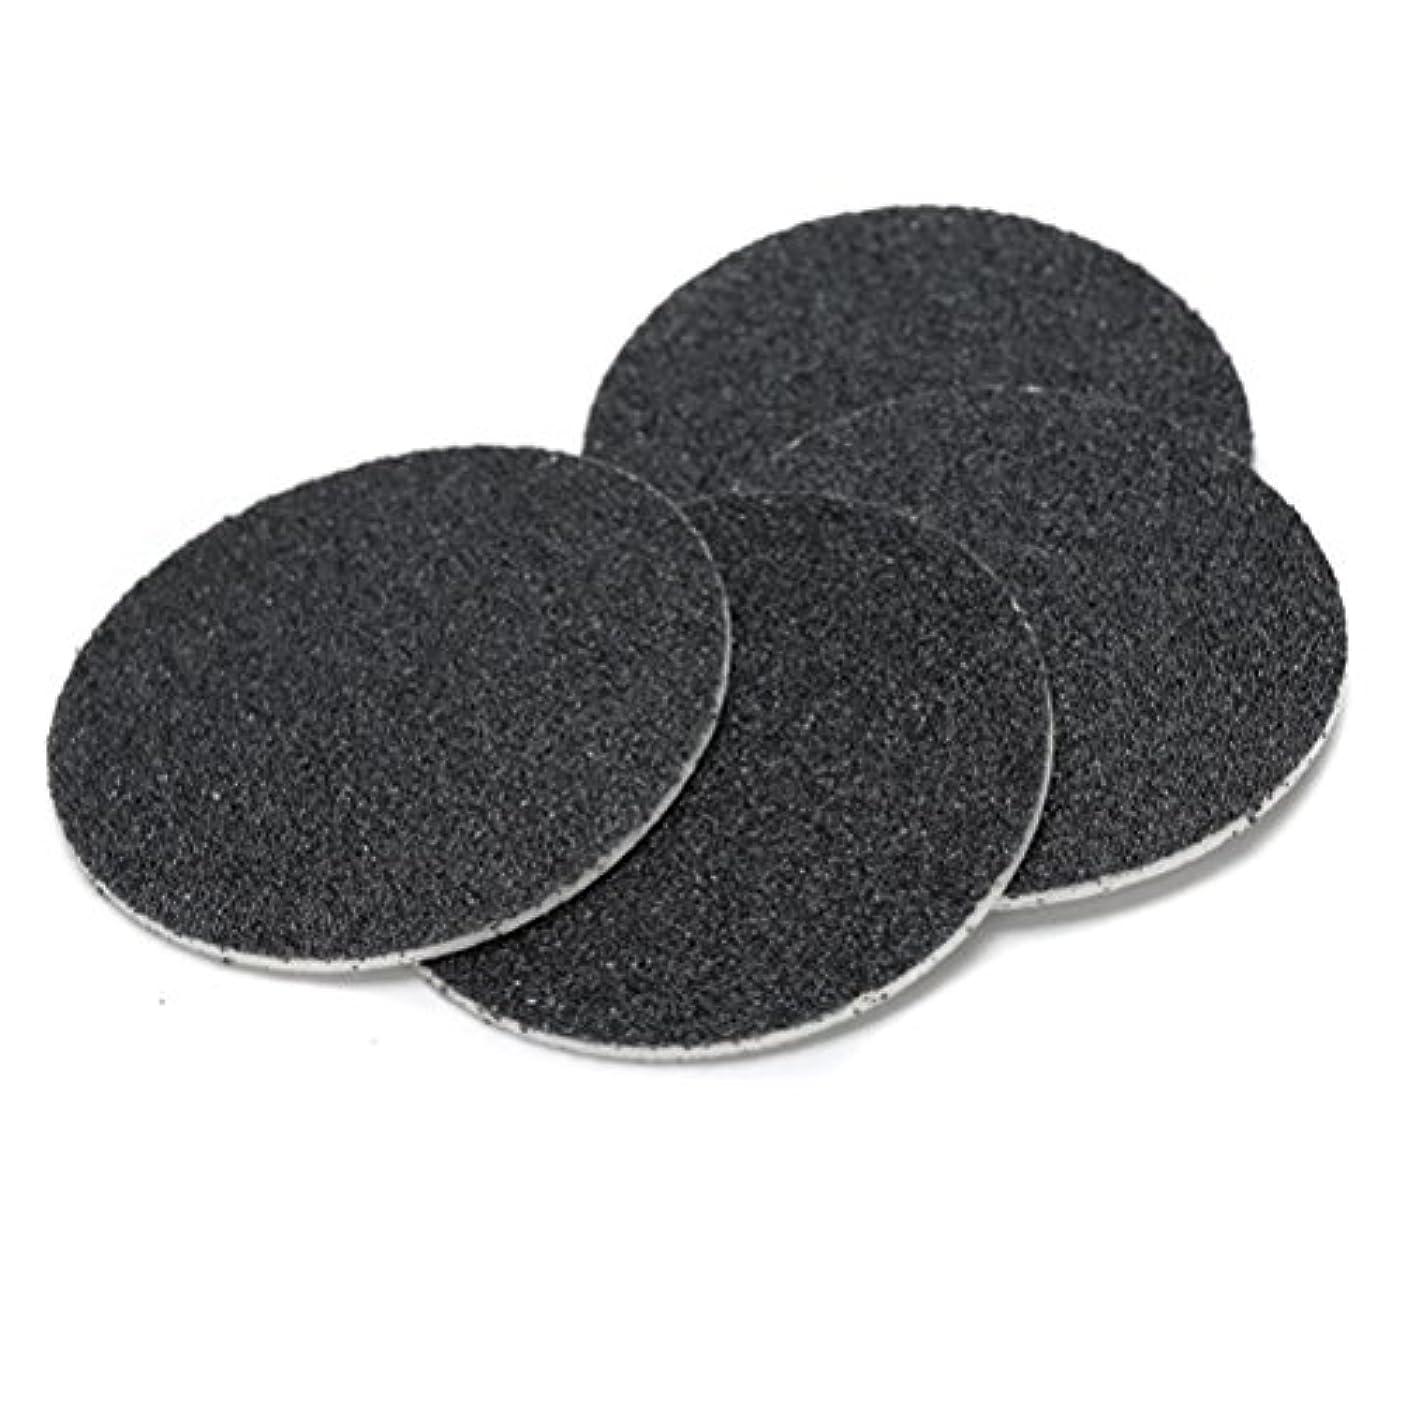 ターミナル大破センターJoint Victory Pedicure Tools 1 Box (60pcs) Replacement Sandpaper Discs Pad for Electric Foot File Callus Remover...